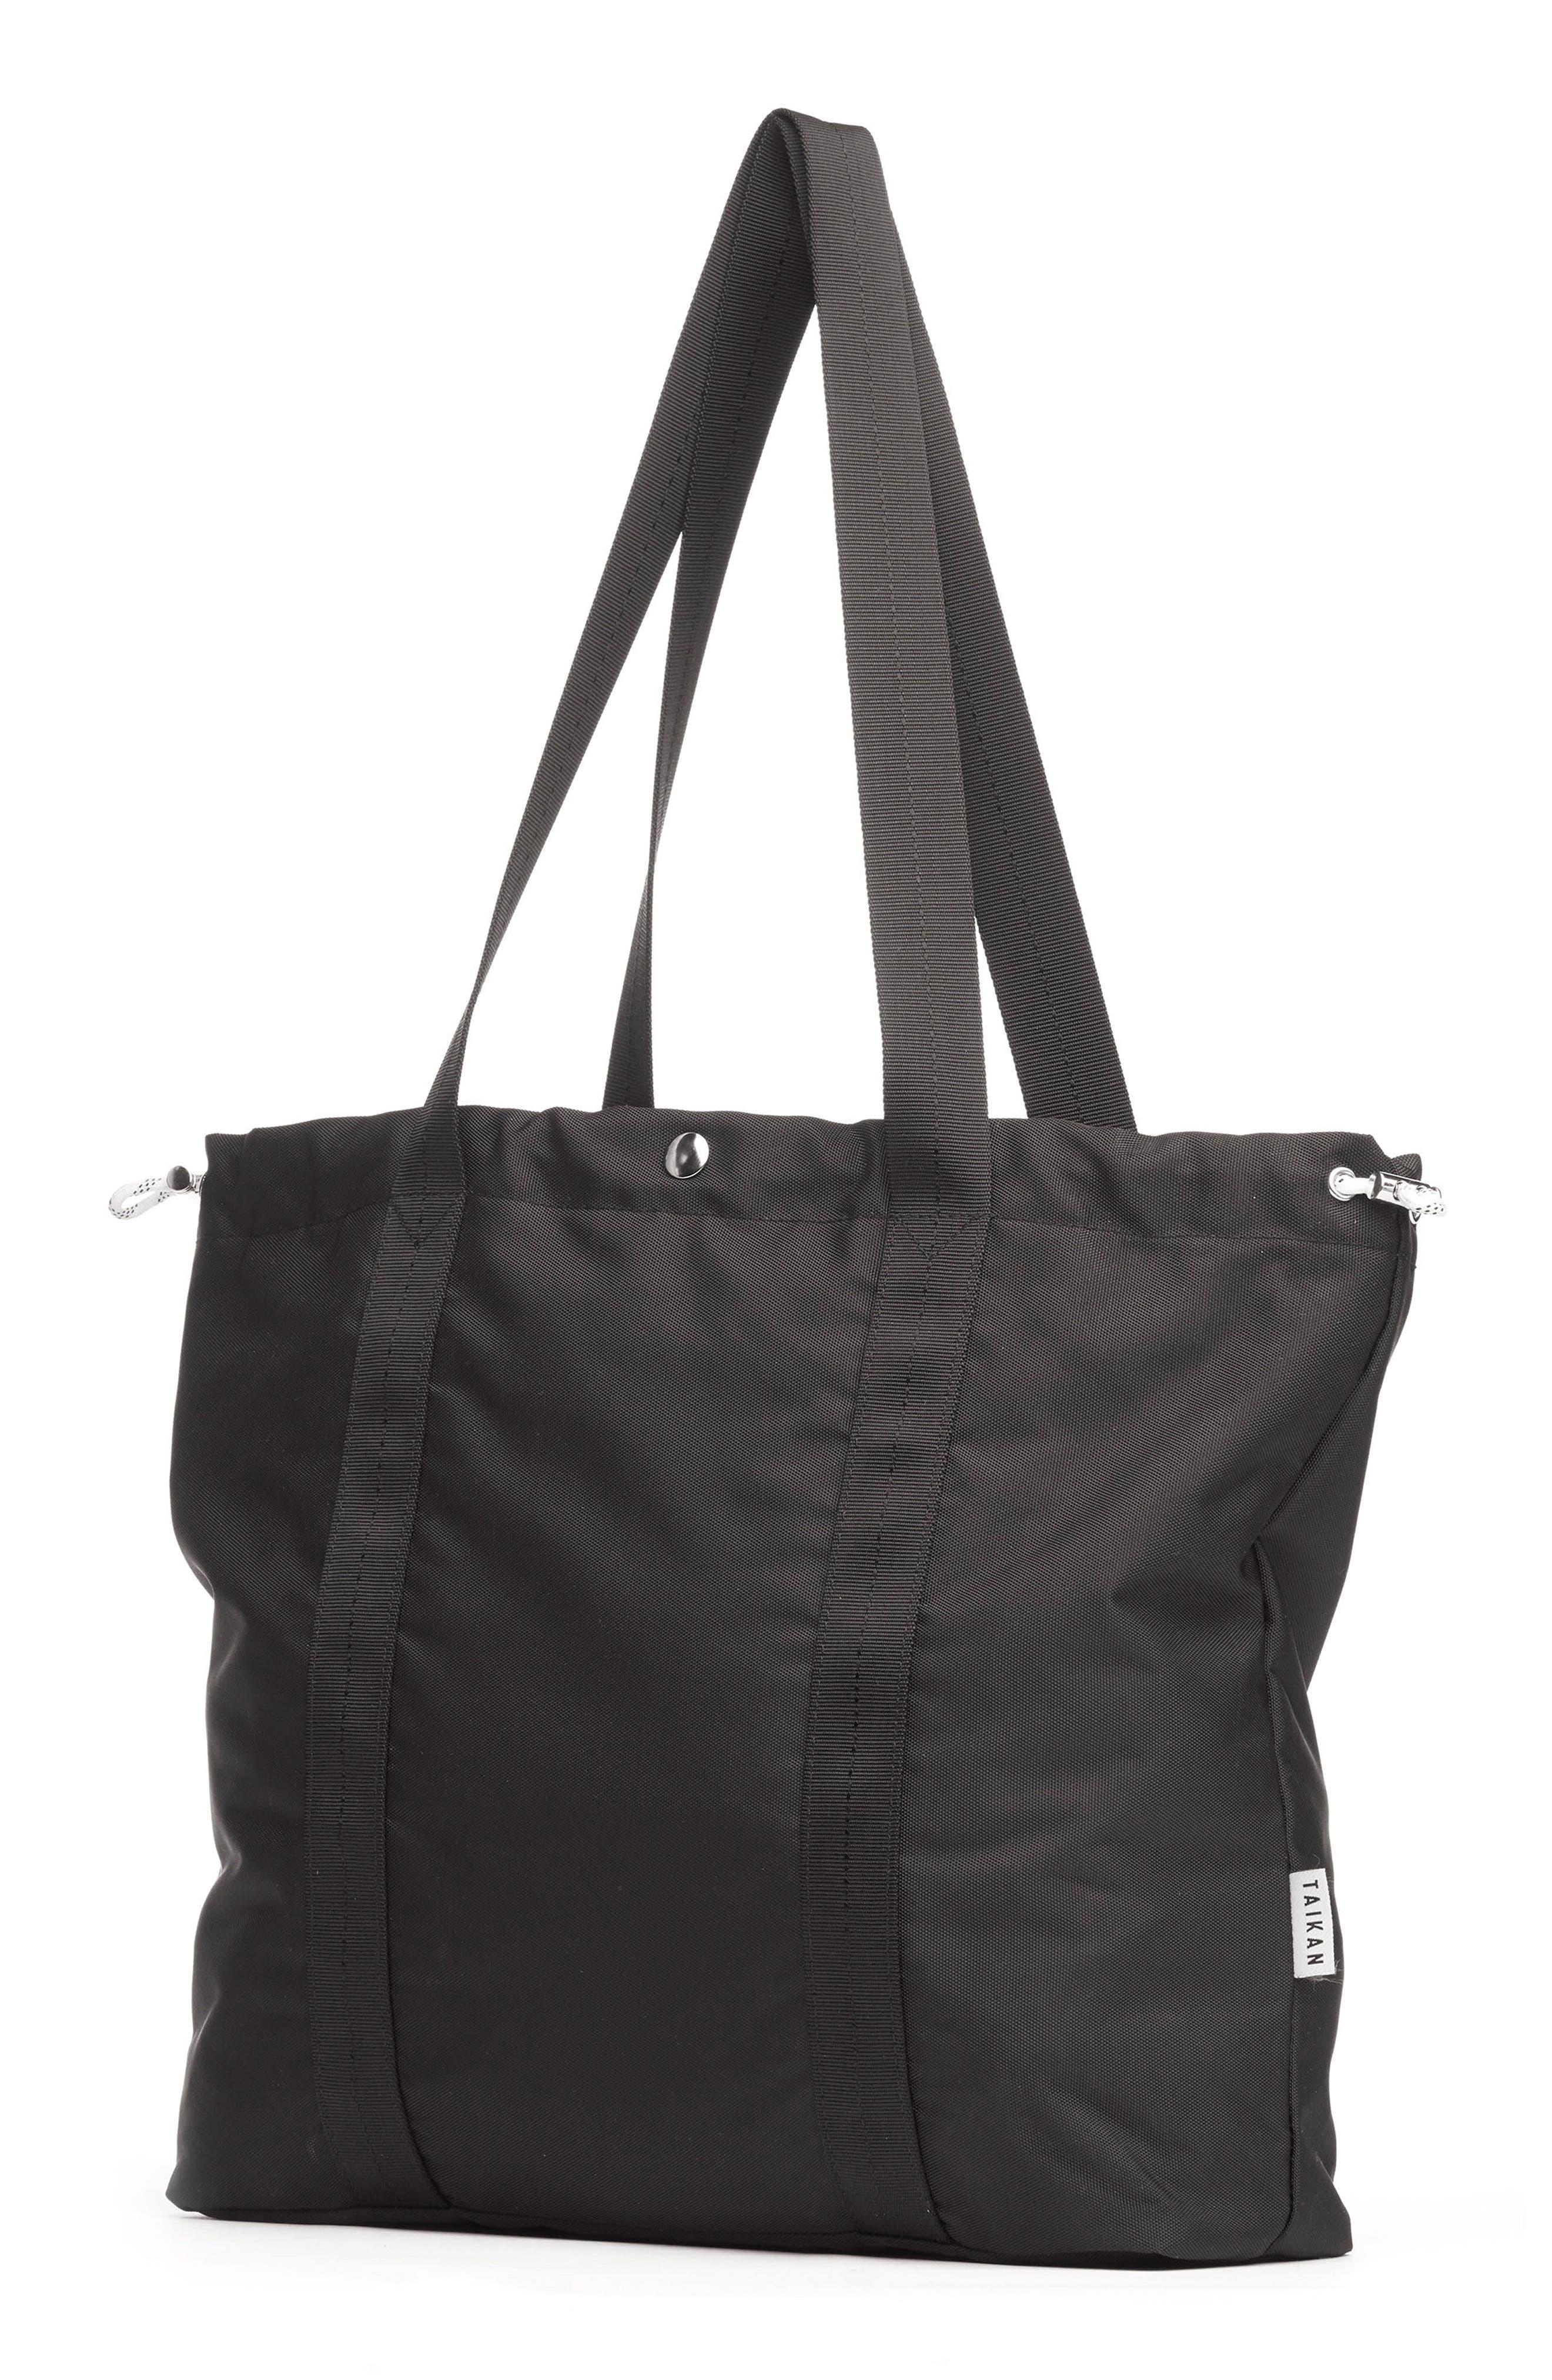 Flanker Tote Bag,                             Alternate thumbnail 2, color,                             MATTE BLACK